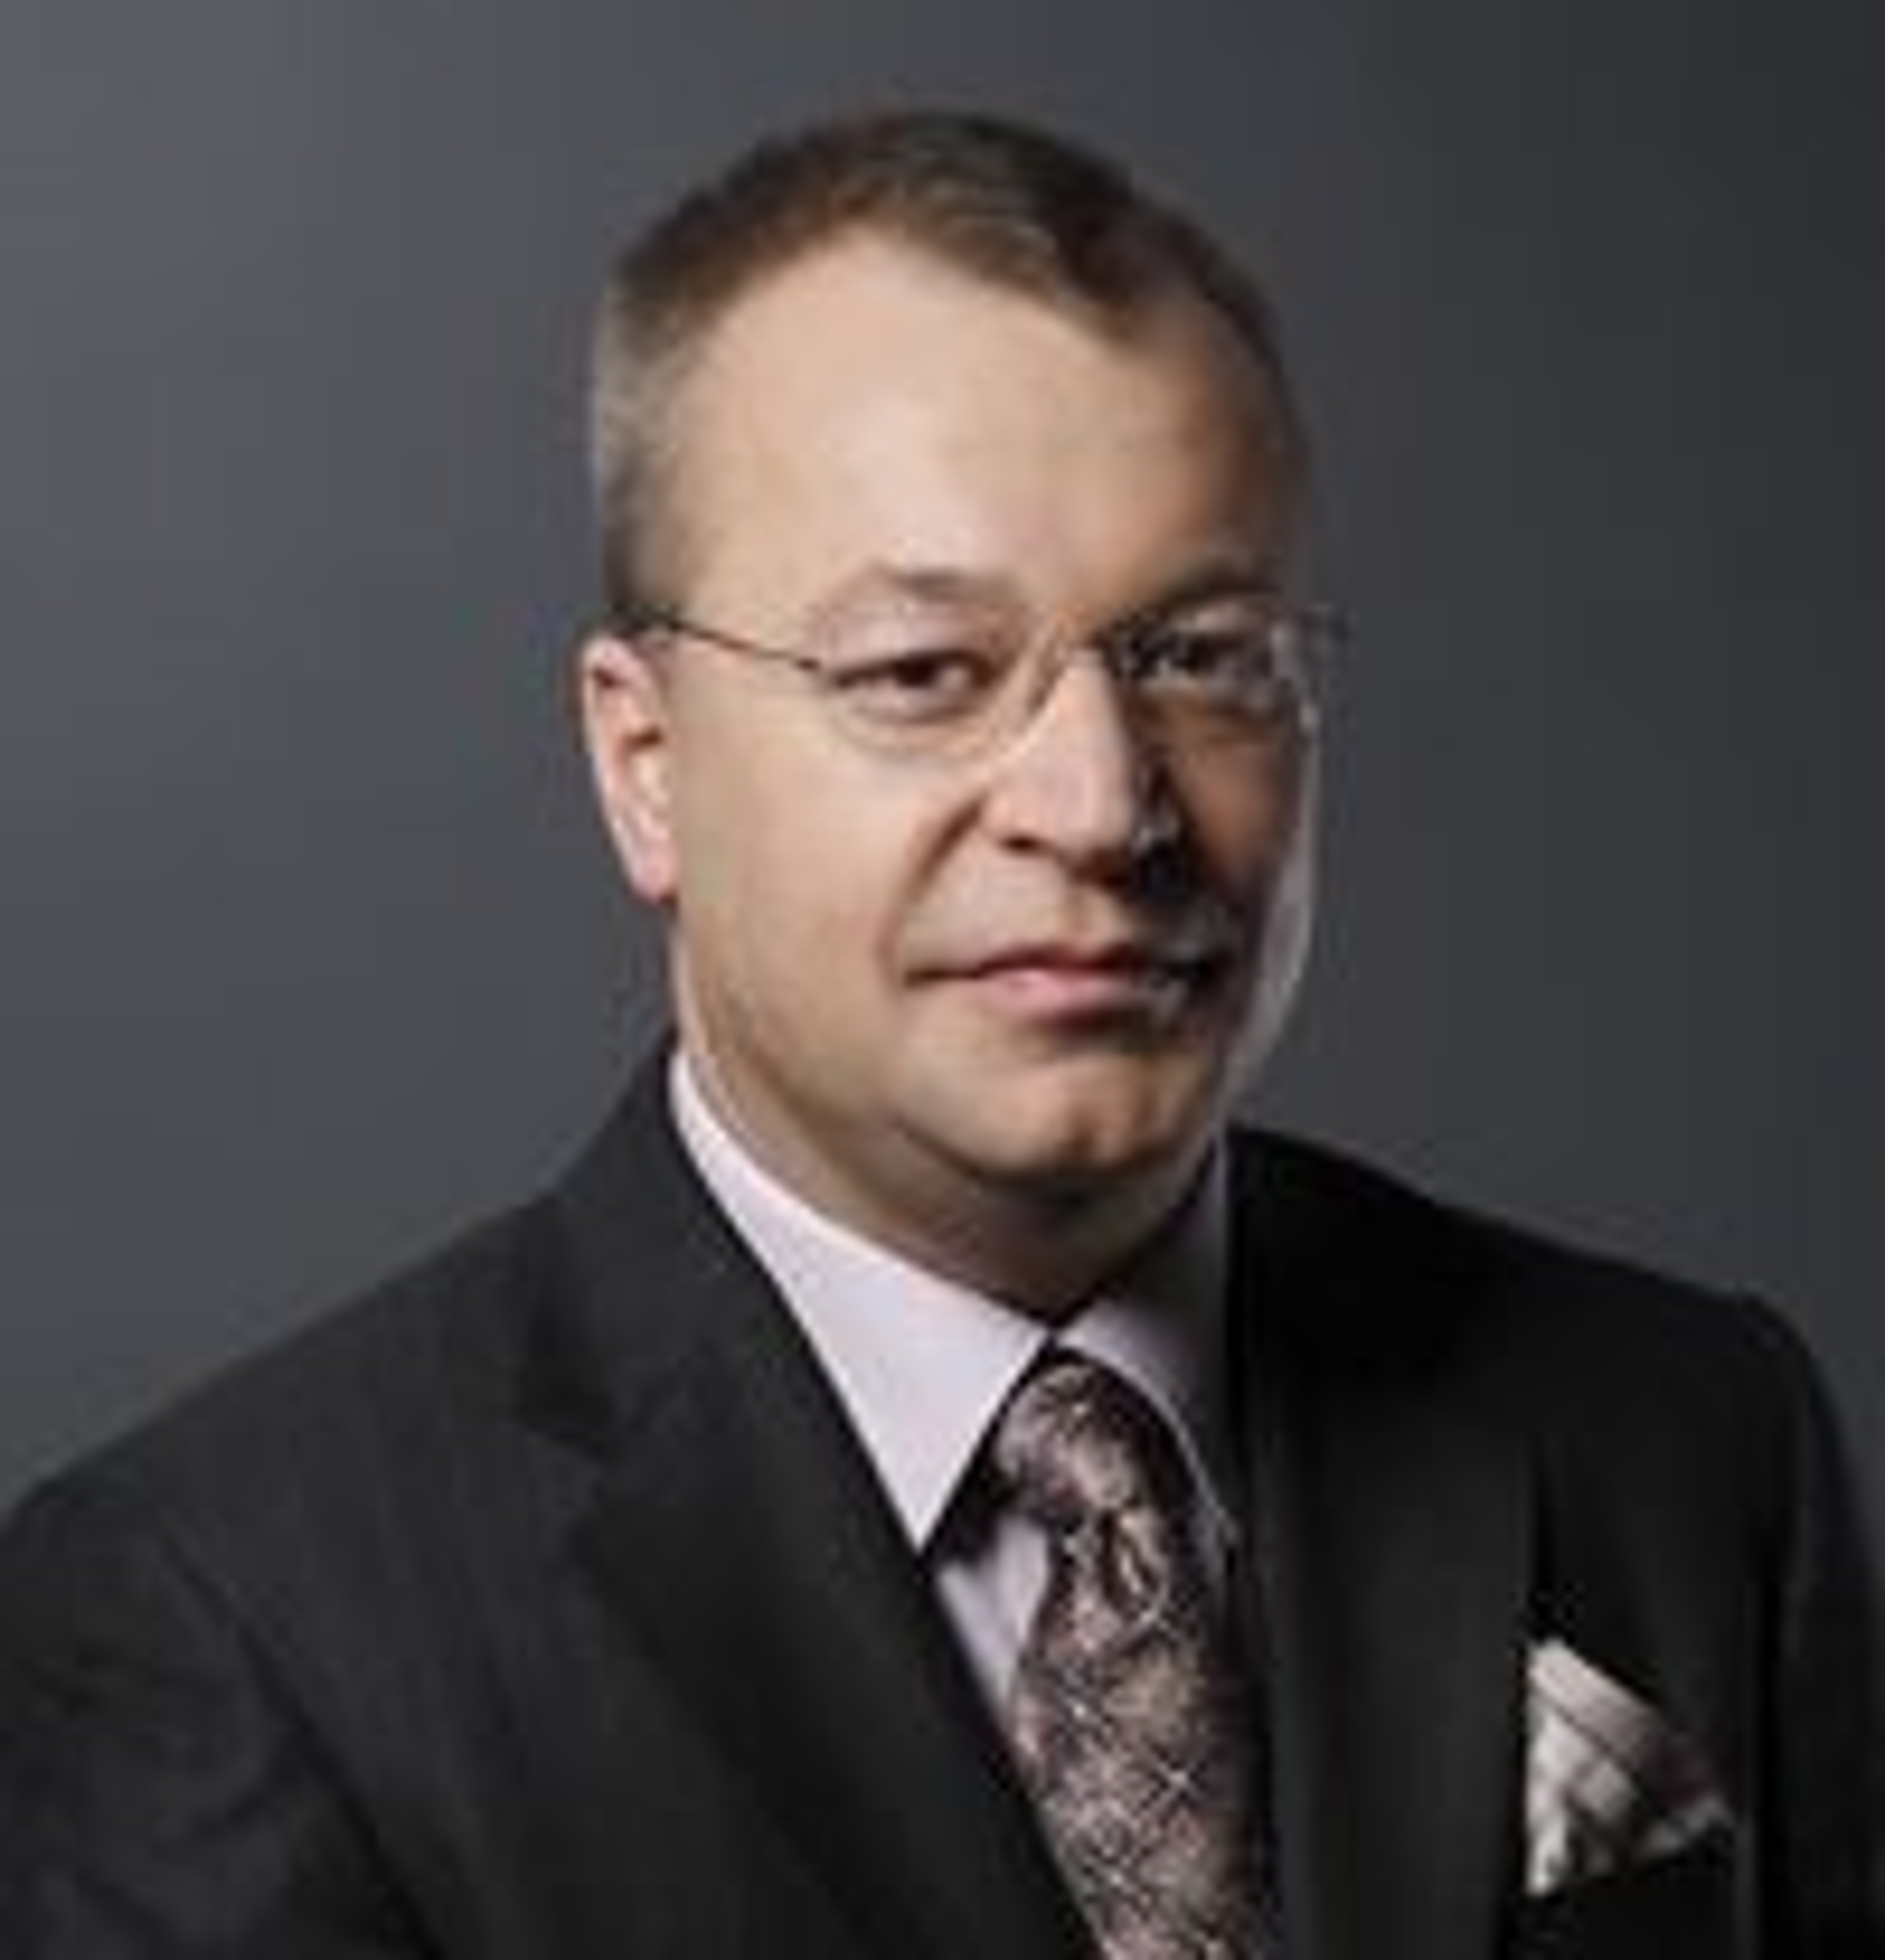 Stephen Elop er i dag sjef for «Business Division» i Microsoft. Han har tidligere hatt lederoppgaver i Juniper, Adobe og Macromedia. Han er kanadisk statsborger, og er utdannet i informatikk og ledelse ved McMaster University i Hamilton.